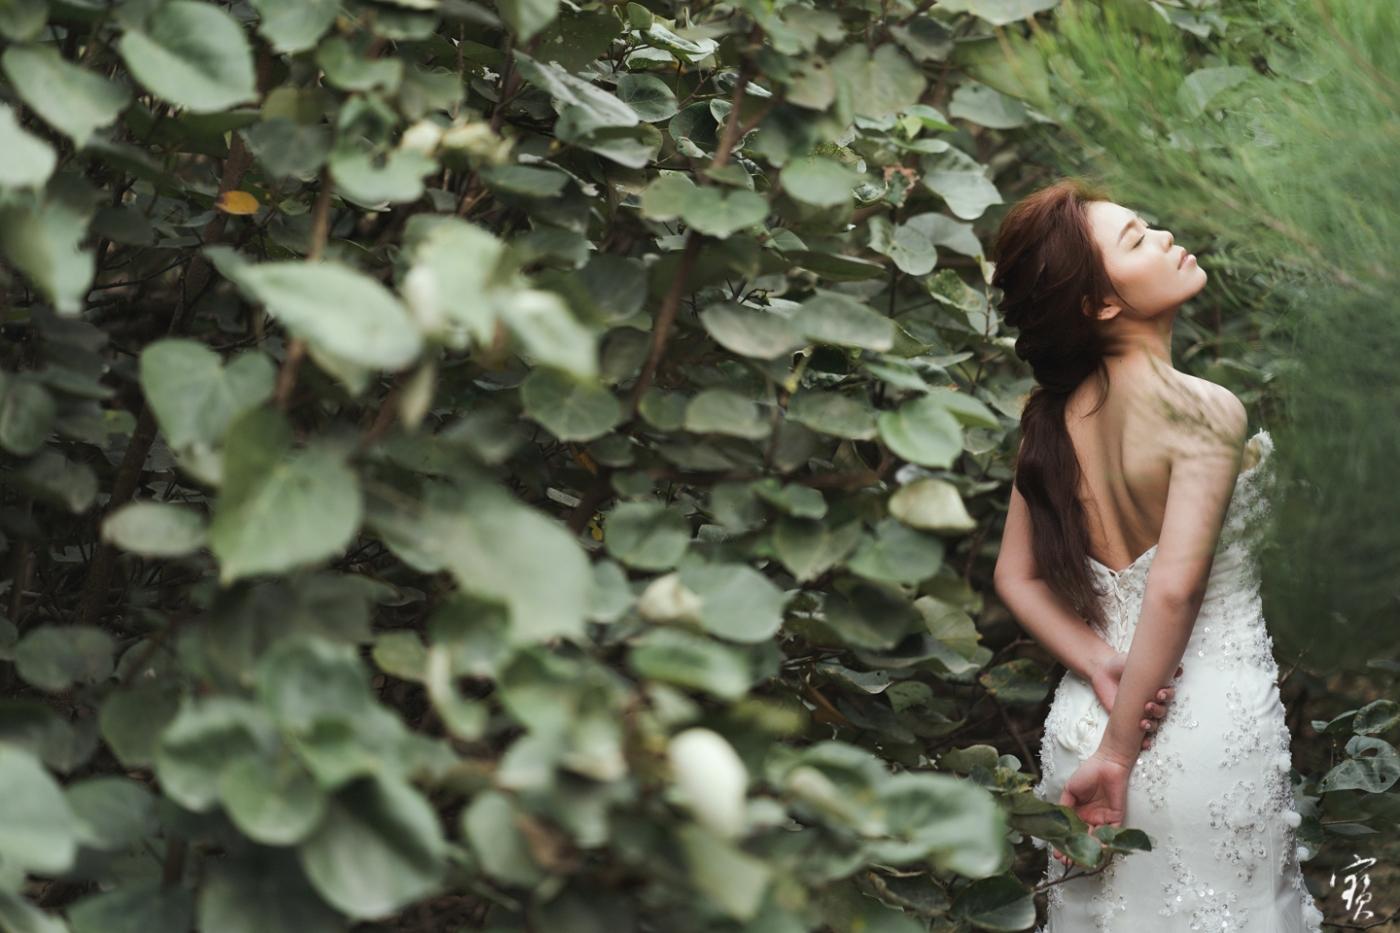 台中 婚紗 踏踏攝影棚 彰濱婚紗 攝影師大寶 新竹攝影 北部攝影 桃園攝影 台北攝影 婚紗20181028-25